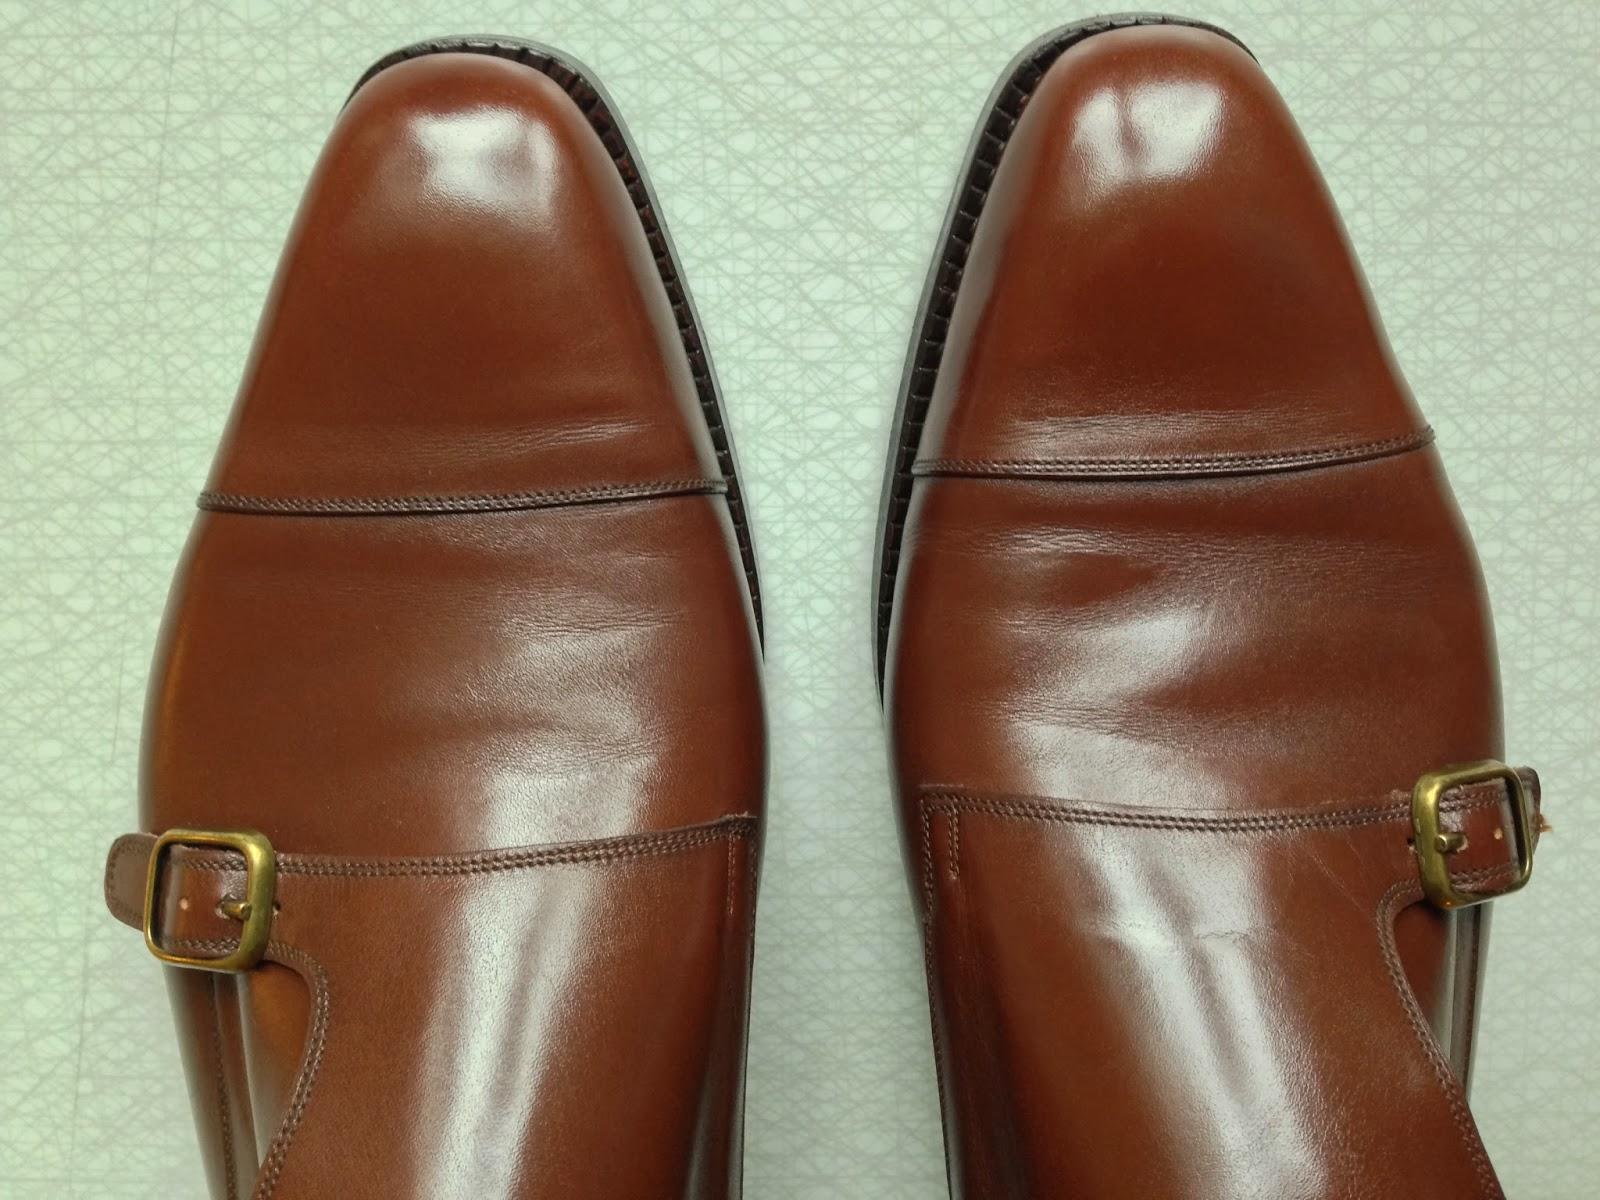 En bild ovanifrån där man kan ana att det precis nedanför tåhättan på  utsidan av skorna 8bab613ccd04b